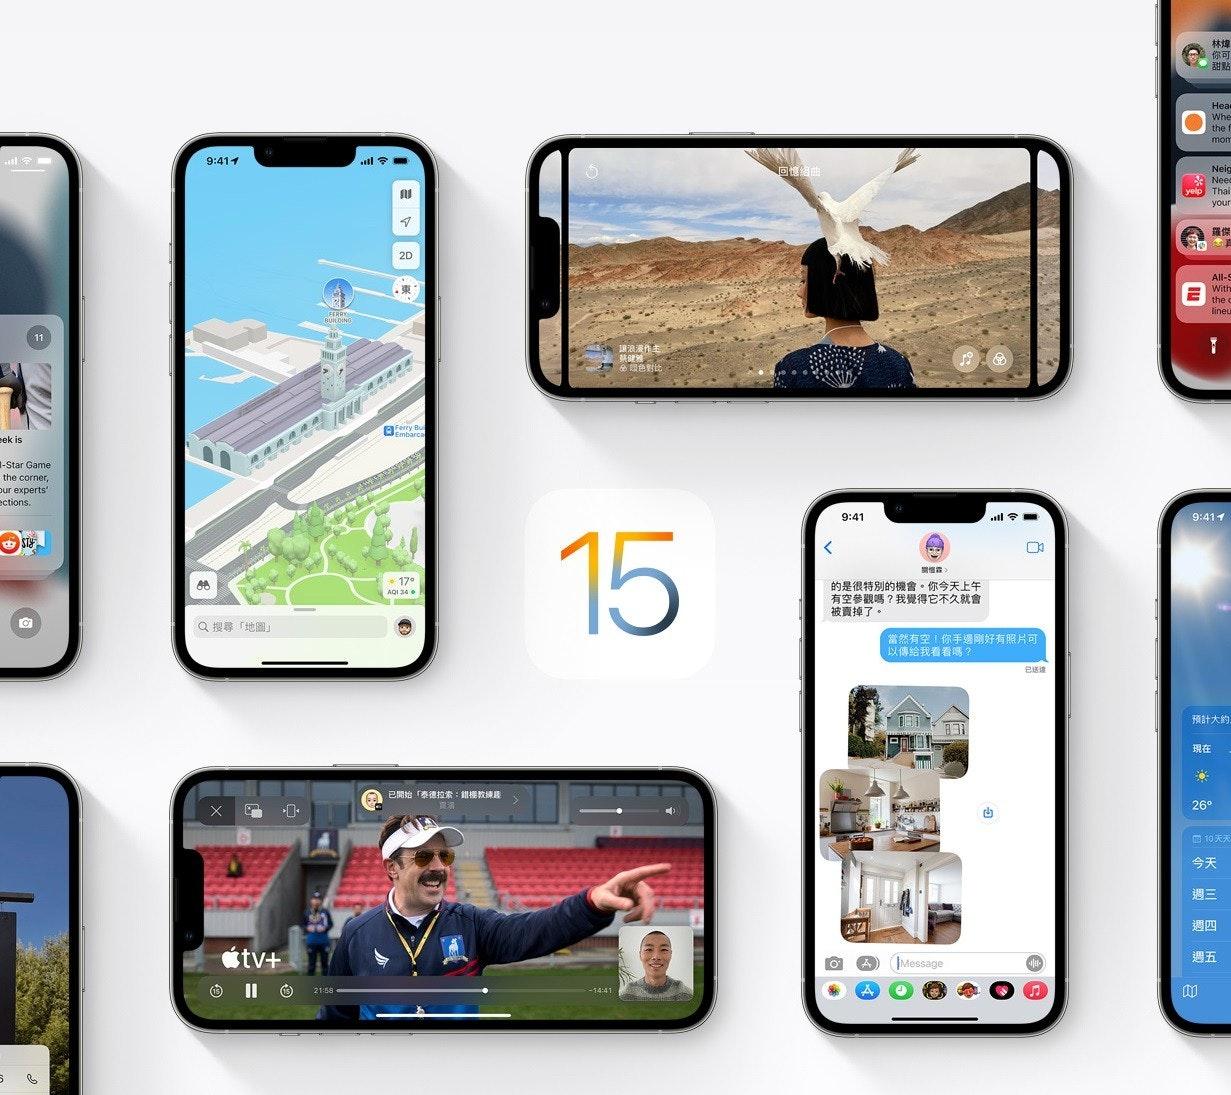 照片中提到了林煒、你可、甜點,包含了ios 15 測試版 7、iOS 15、蘋果、2021 蘋果全球開發者大會、的iOS